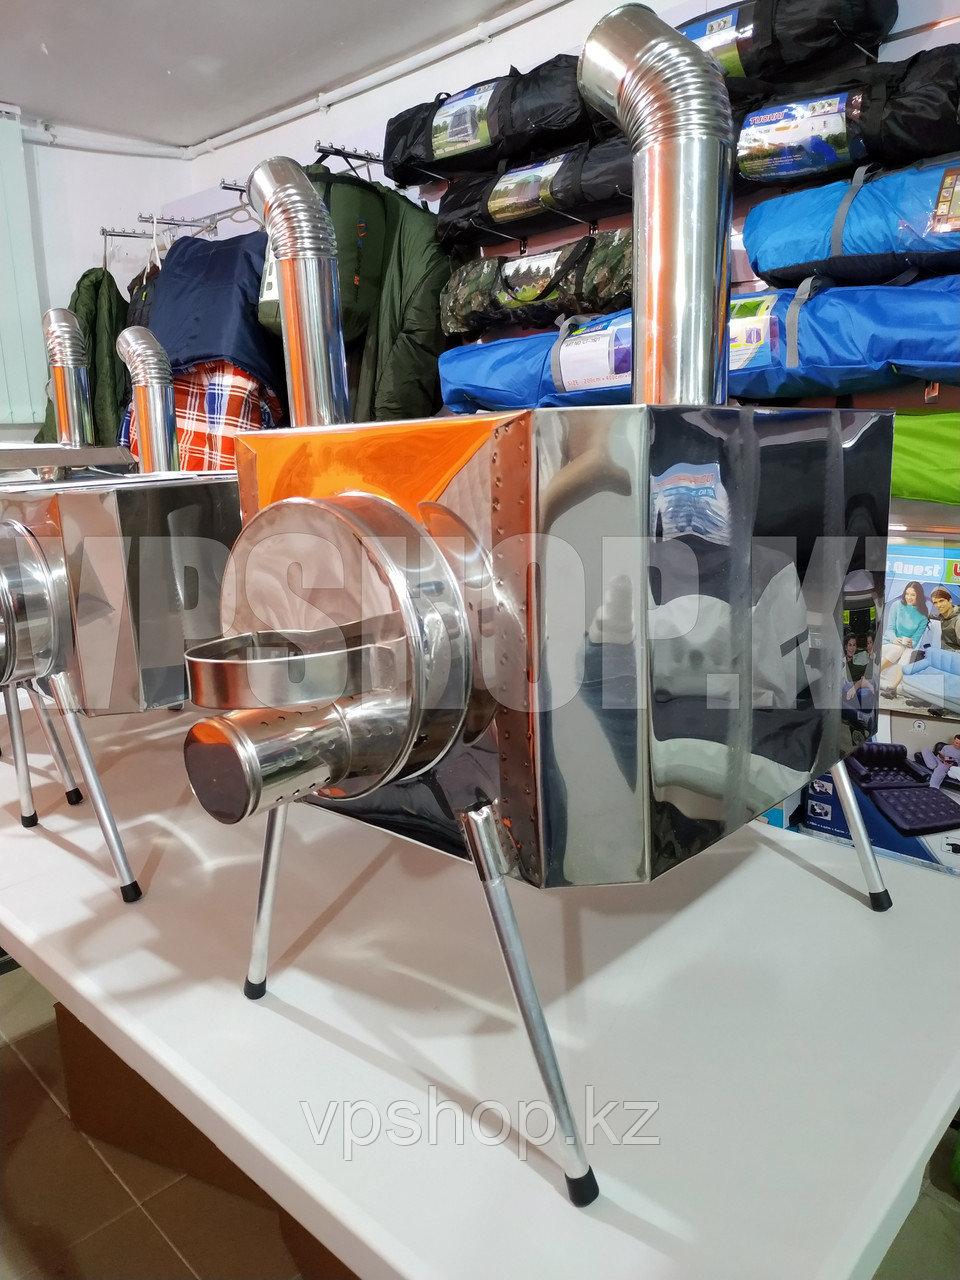 Печка для палаток теплообменник пошехонка Большая доставка - фото 1